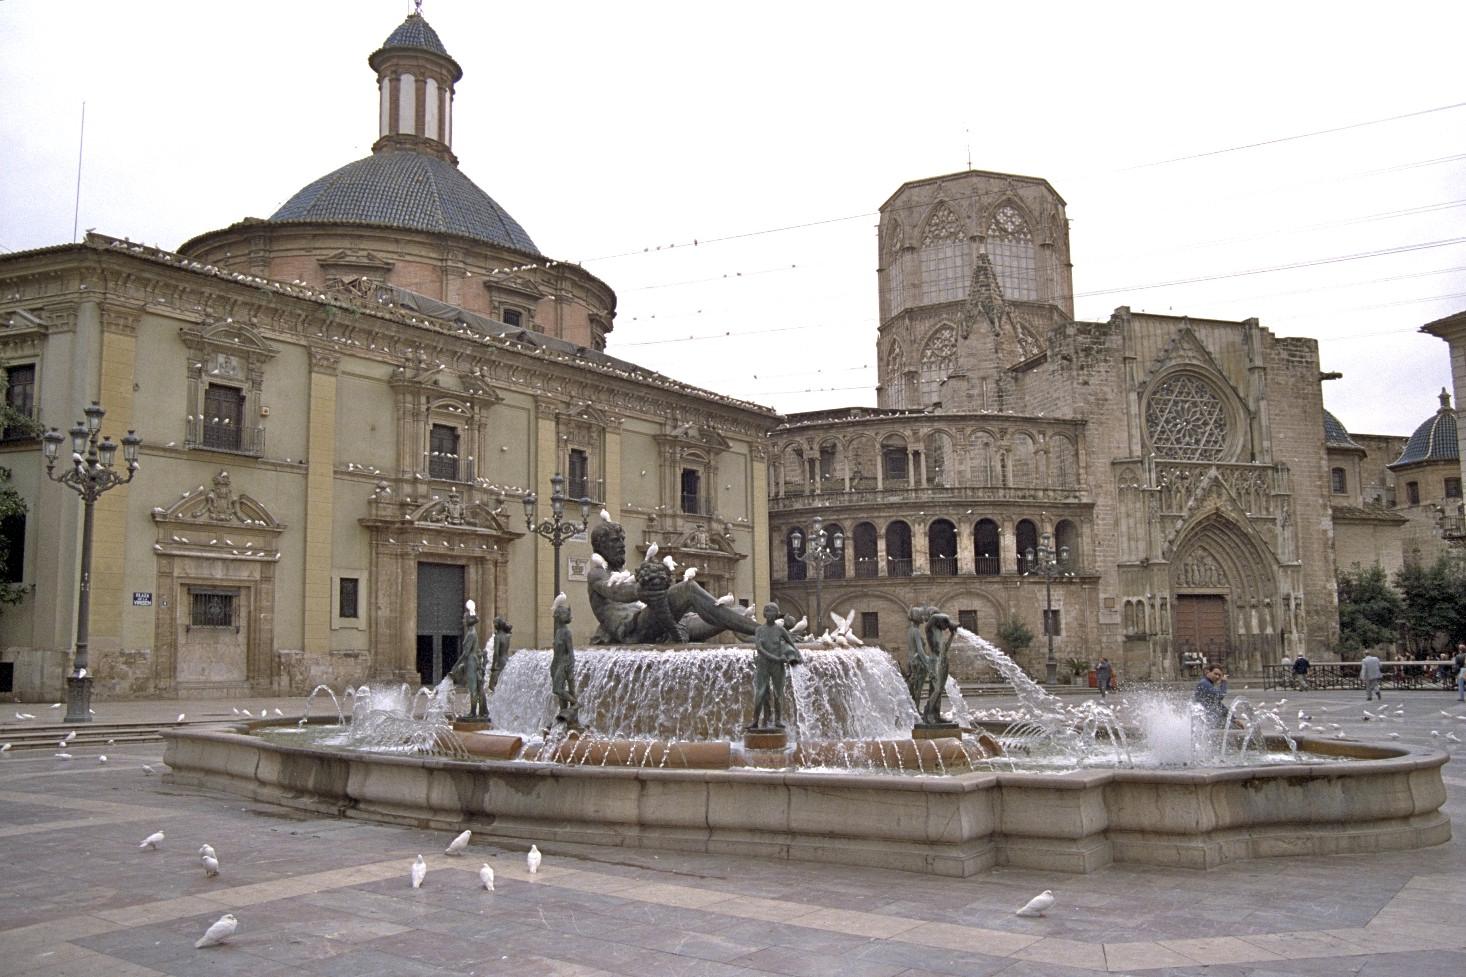 Valencia catedral (Seu) til hægri, Desamparados til vinstri